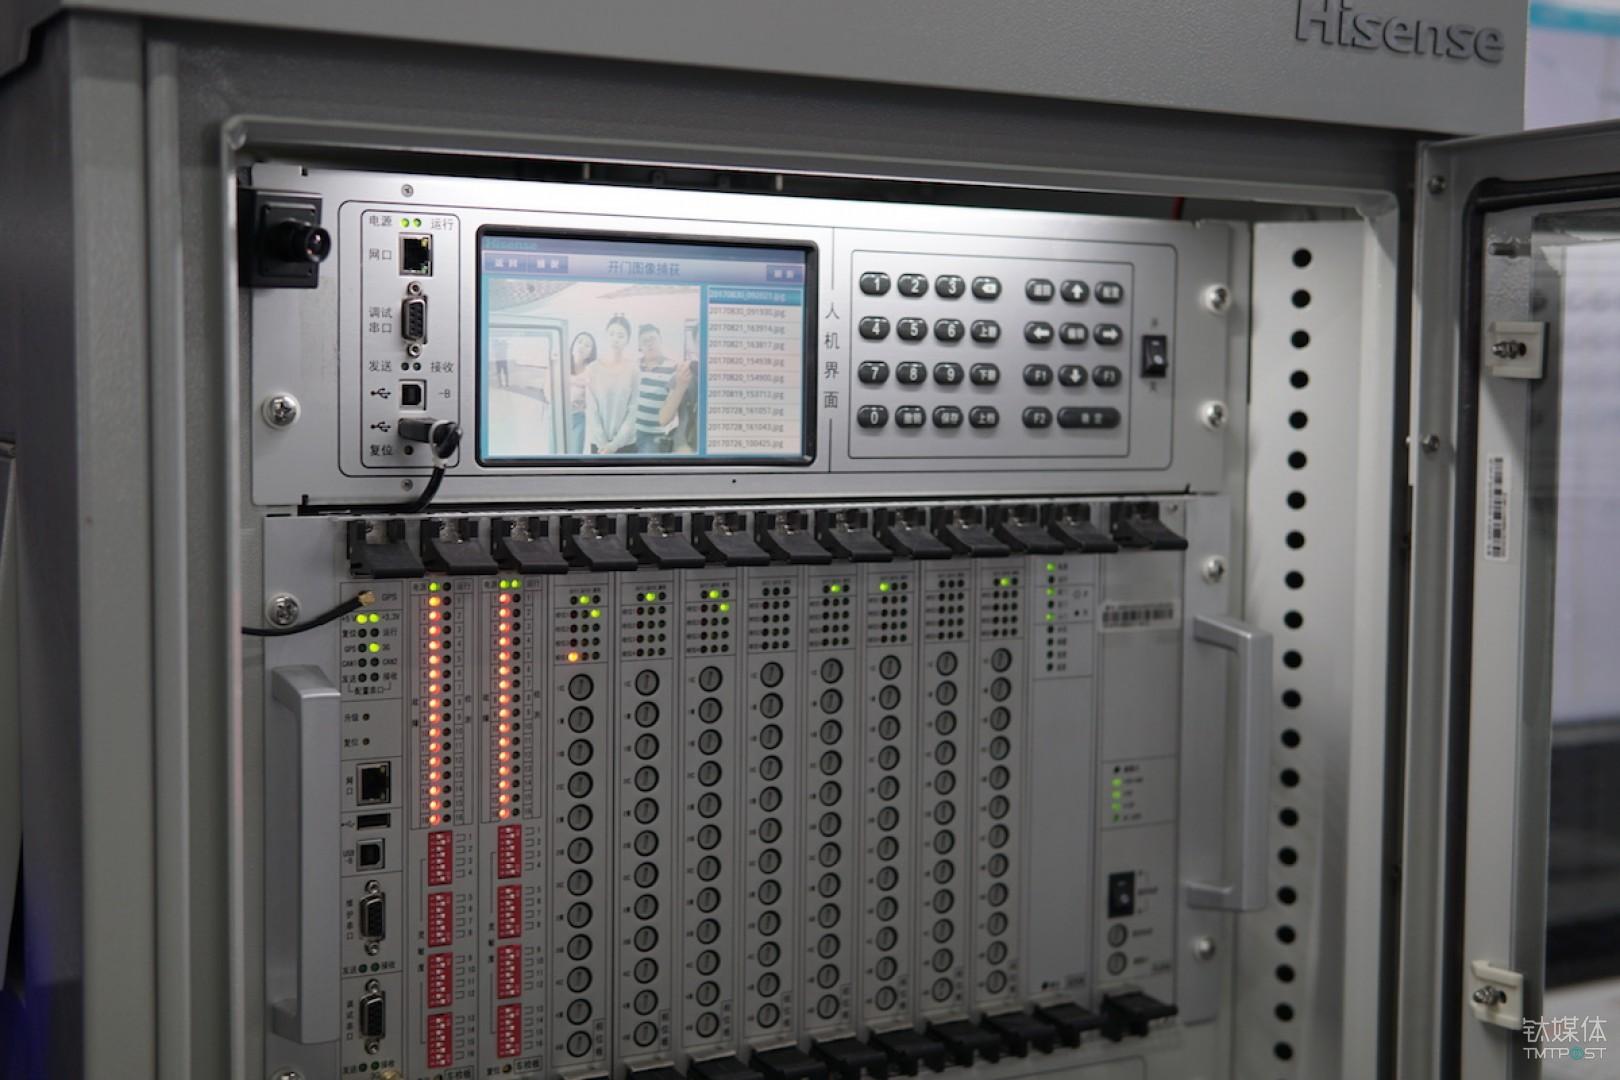 海信-信号机箱 2005 年北京奥运智能交通系统开始招标,因为了解国外品牌产品的弱点,北京提出了自己的技术测试标准,海信也参与了投标,最终在软硬件质量和稳定性上、软件的支撑上、算法的适应性上都比国外技术好。2008 年至今,海信交通信号机投入使用已经 9 年了,年故障率仅 3.